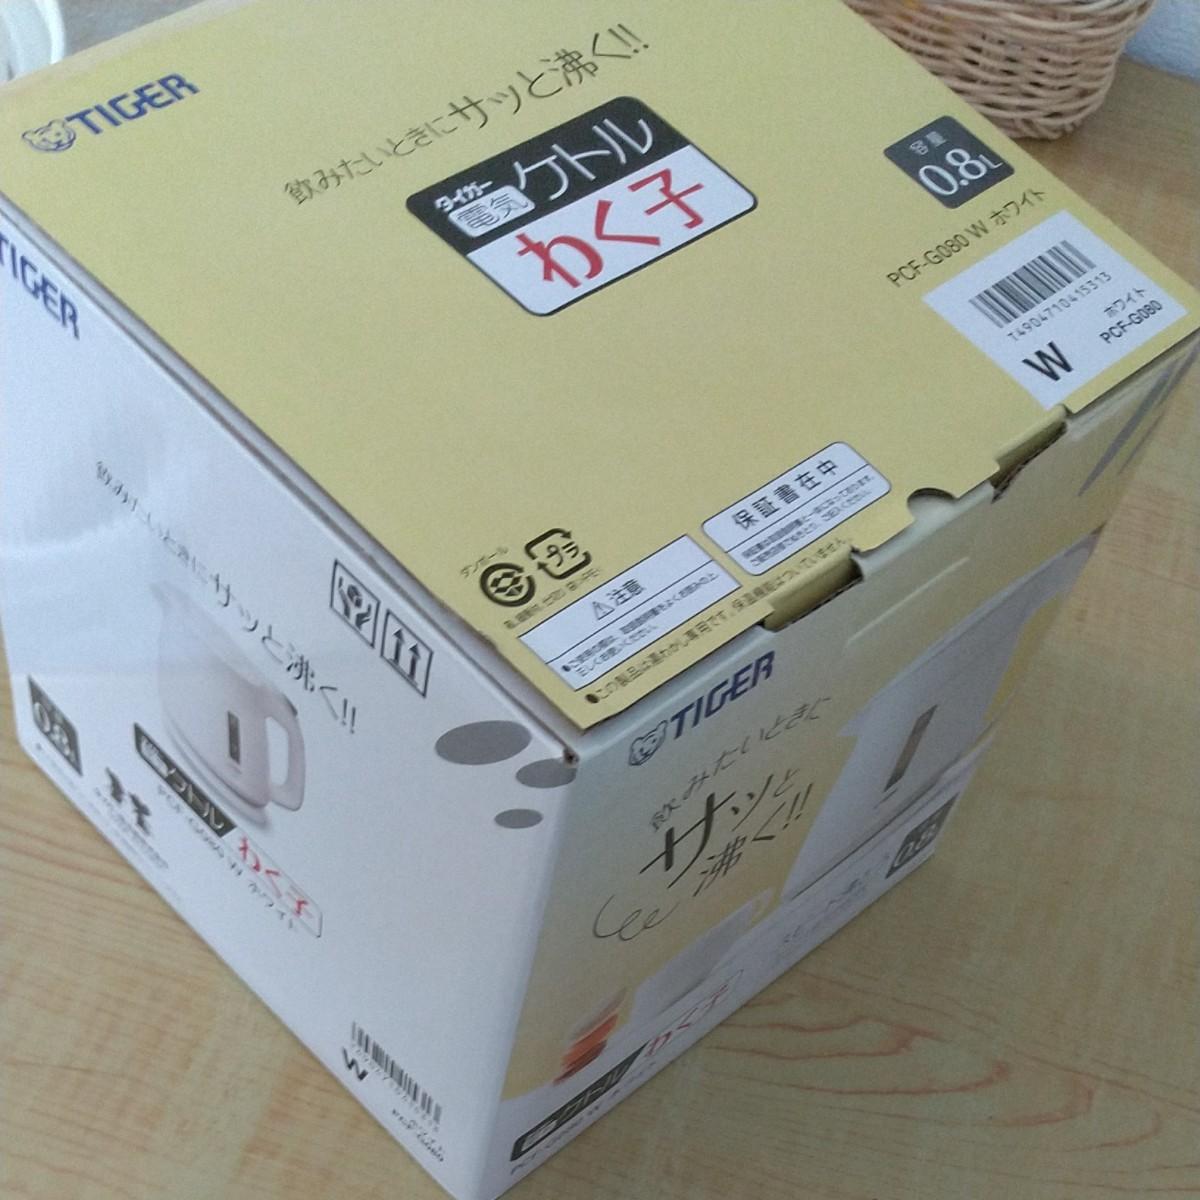 電気ケトル タイガー PCF-G080W ホワイト 0.8L わく子 早い おしゃれ 安全 一人暮らし 新生活